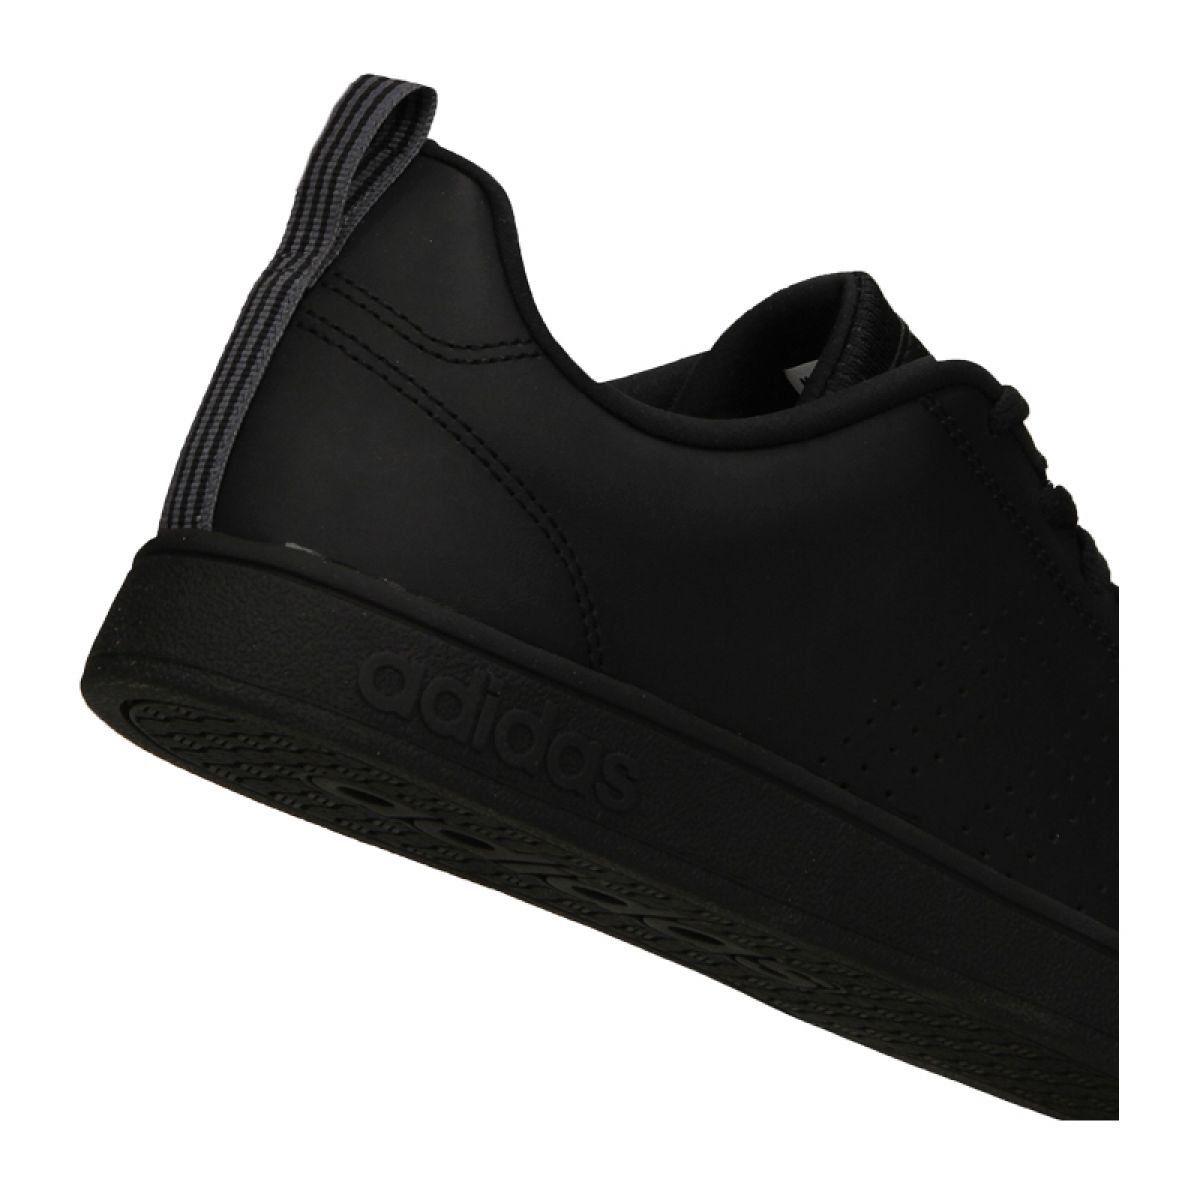 Buty Adidas Cloudfoam Adventage Clean M F99253 Czarne Adidas Cloudfoam Black Shoes Sports Shoes Adidas